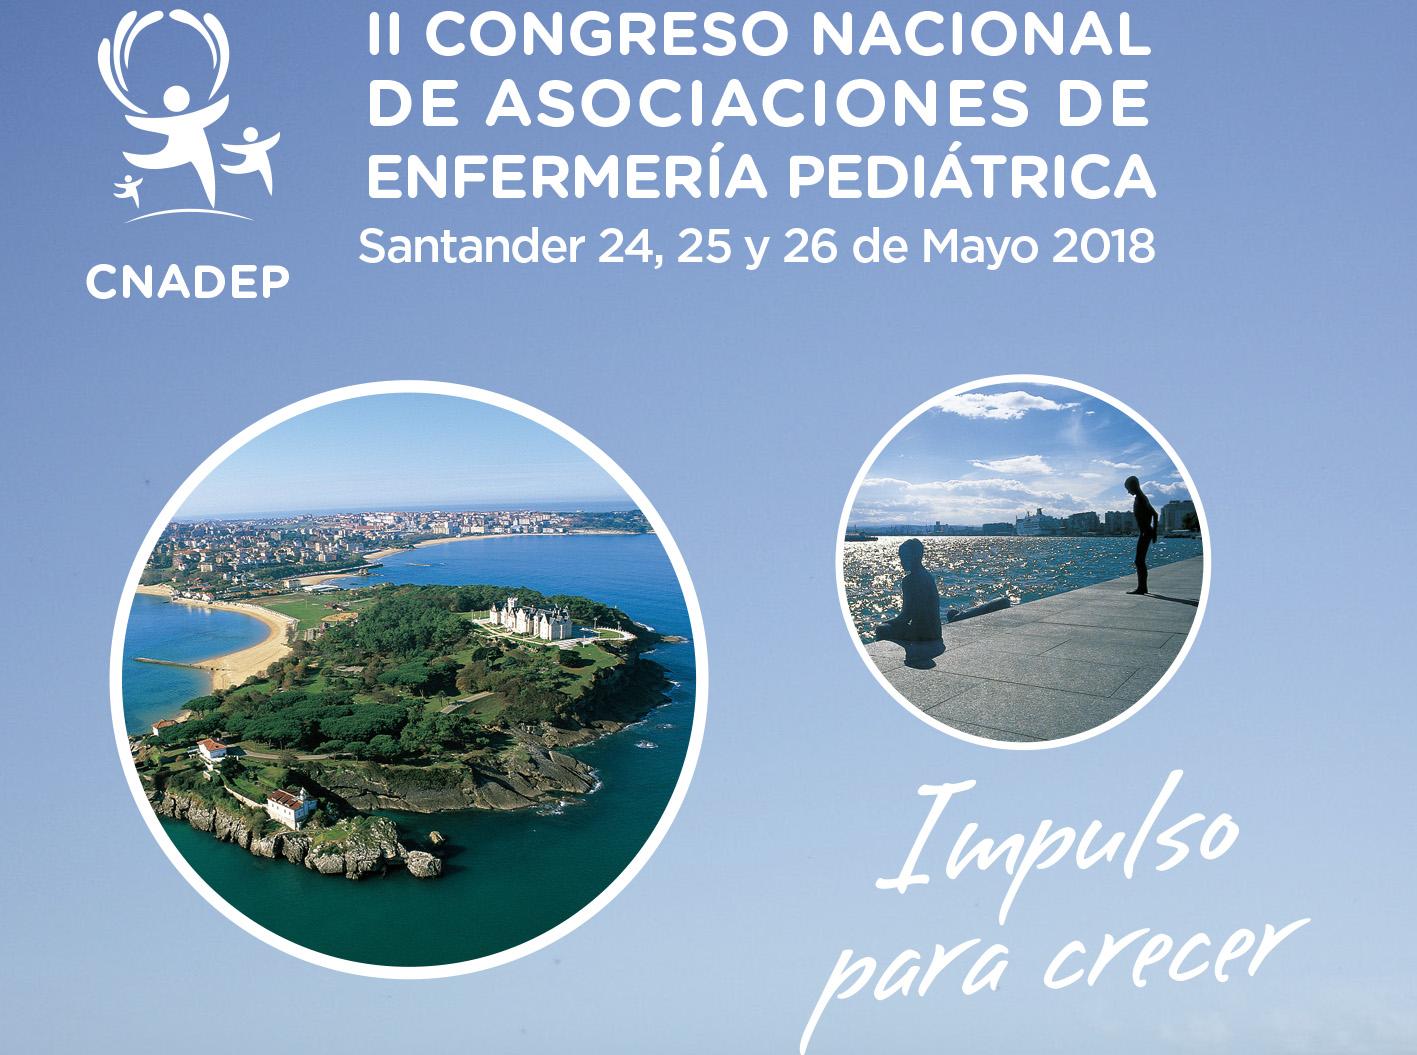 Santander se convierte en mayo en capital de la enfermería pediátrica